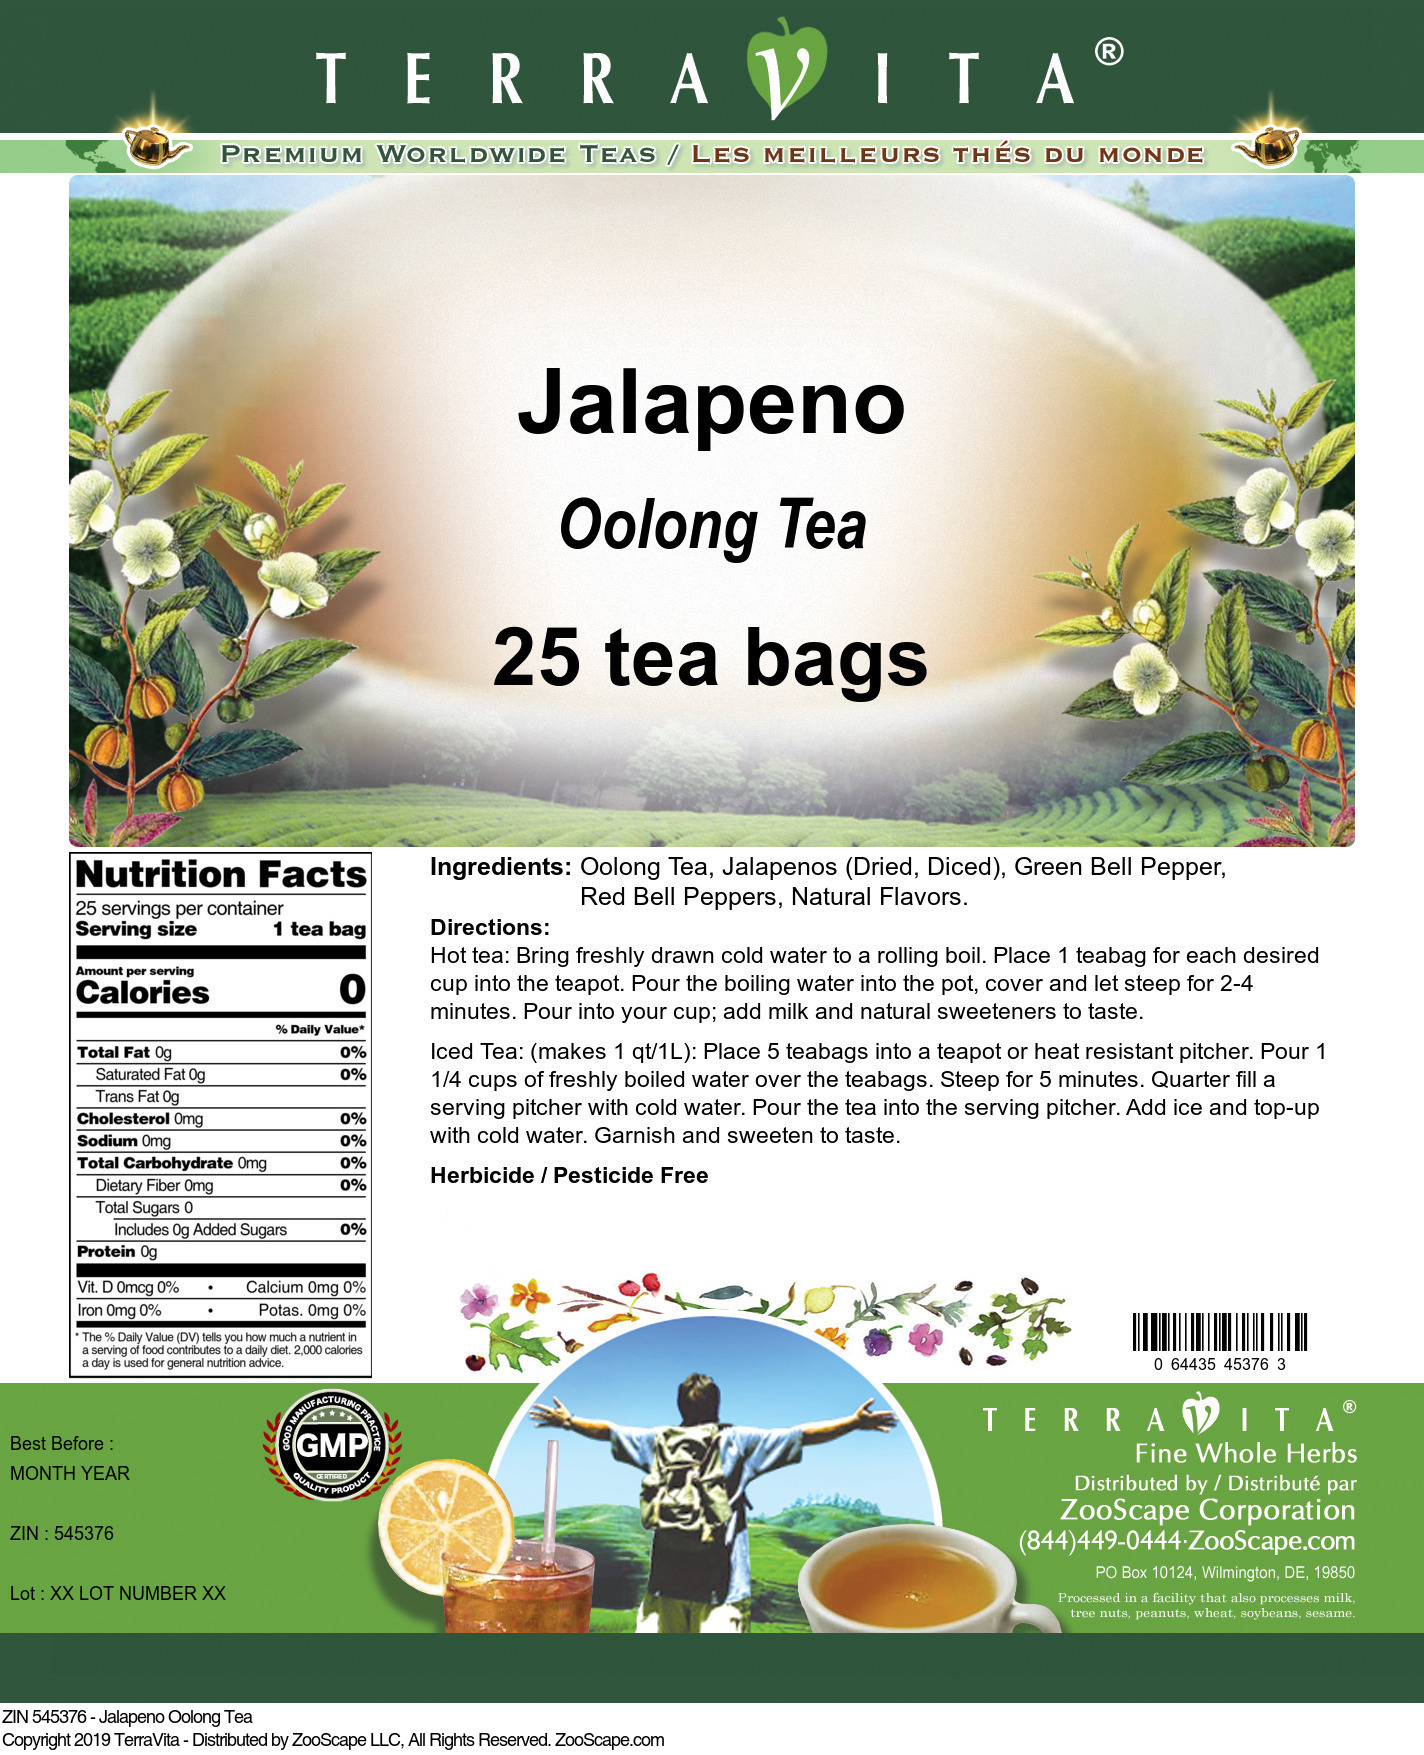 Jalapeno Oolong Tea